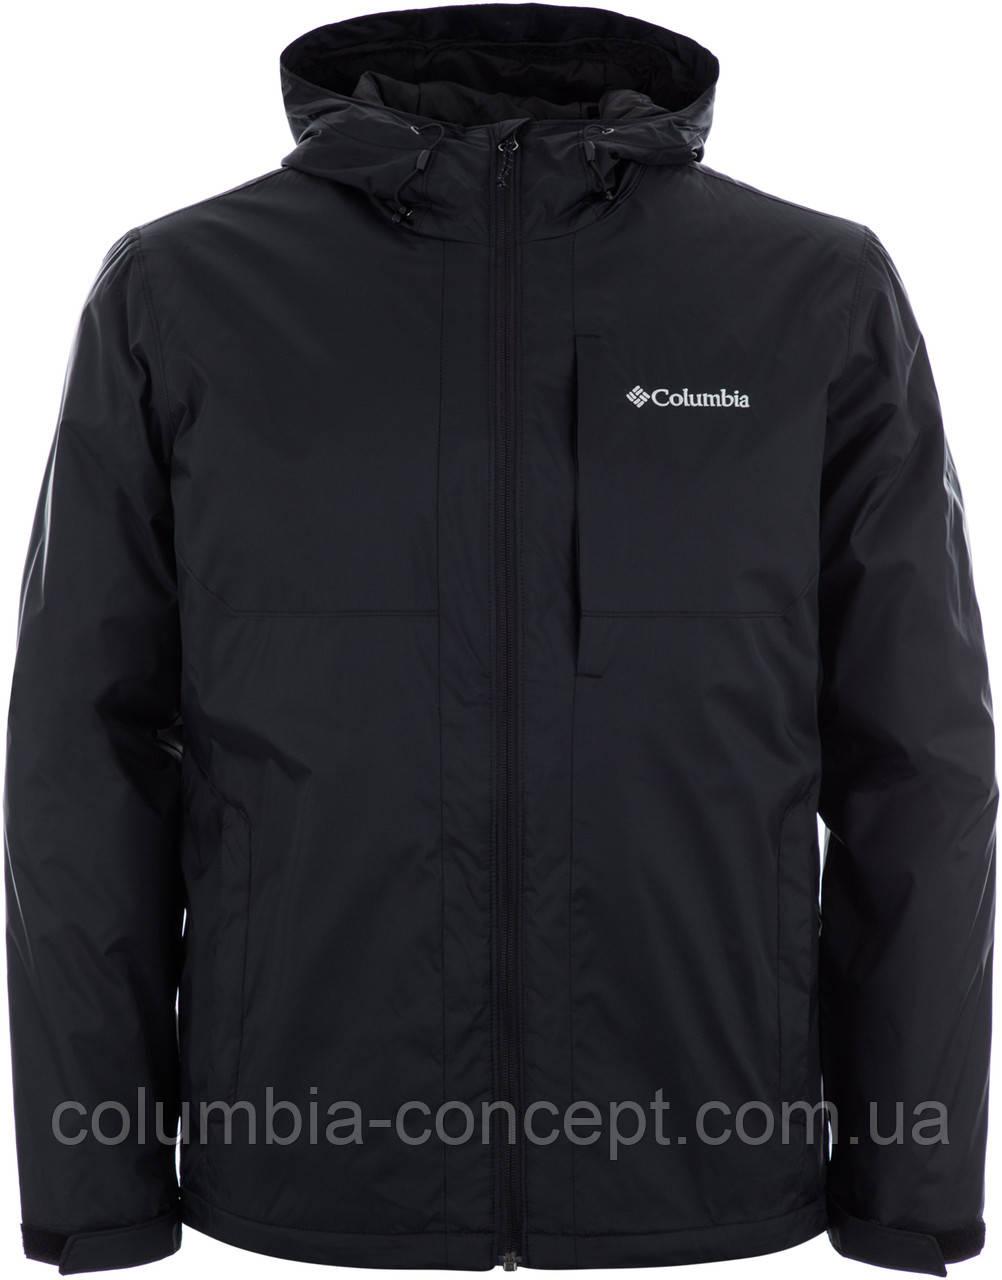 Куртка мужская Columbia Straight Line Insulated